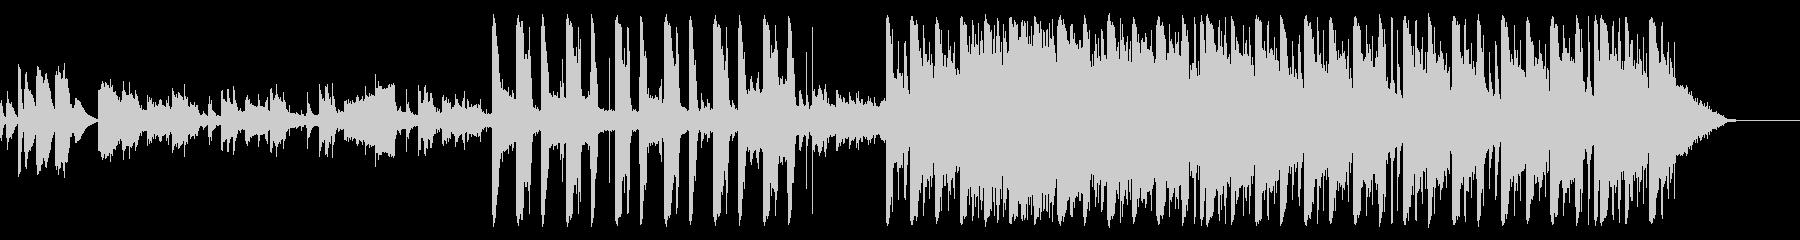 Sound FX、129 BPMの未再生の波形